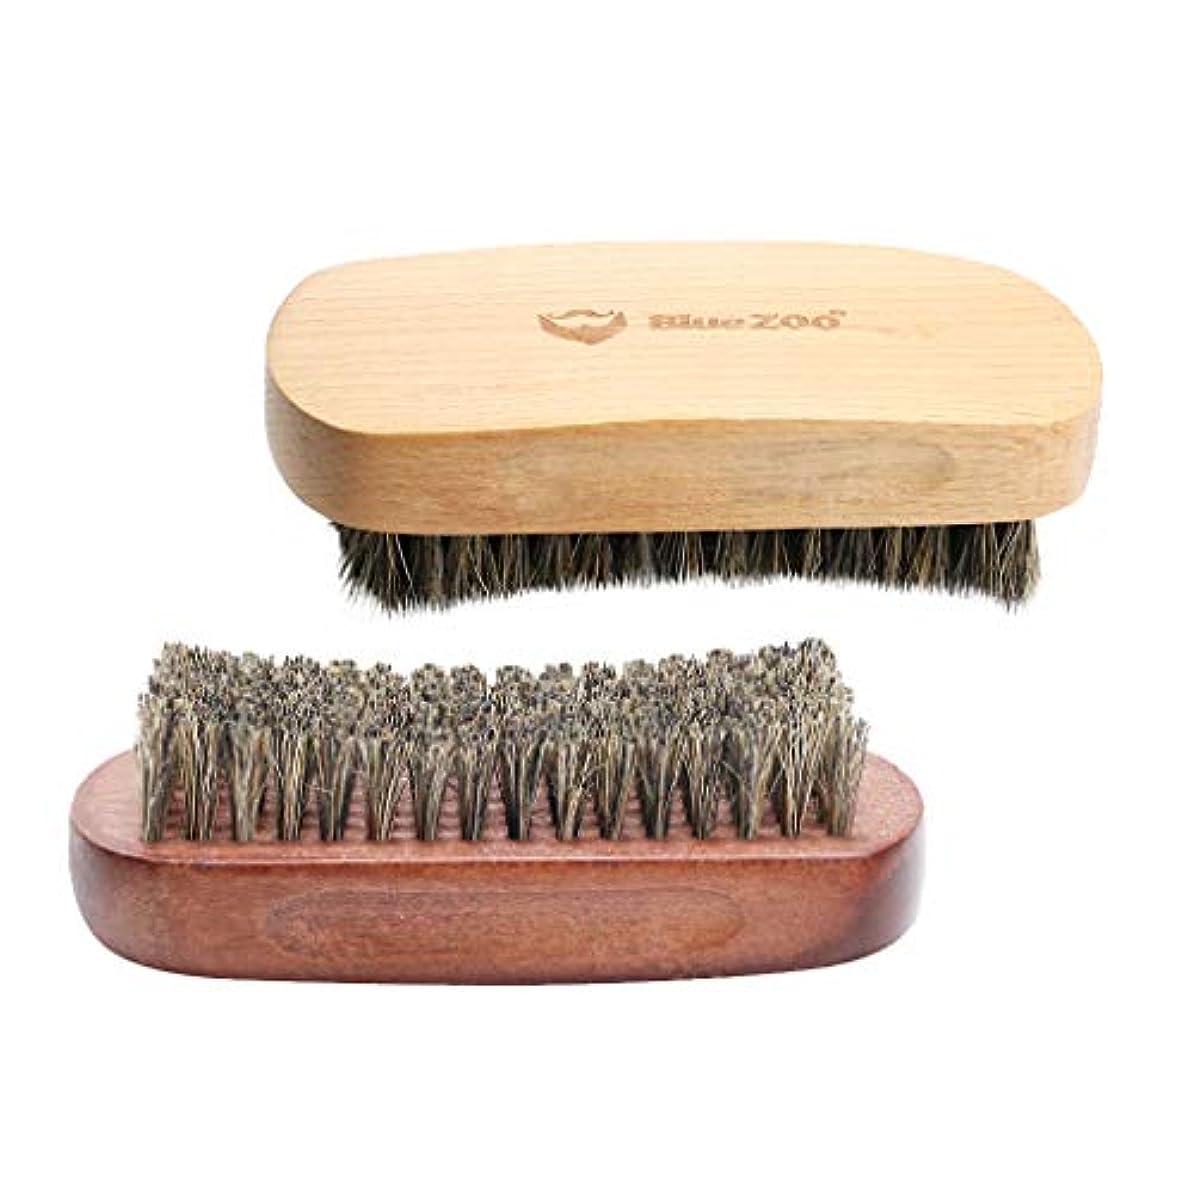 フォーラムなる幸運dailymall 2ピース木製男性口ひげグルーミングブラシひげ剃る成長クリームクリーム